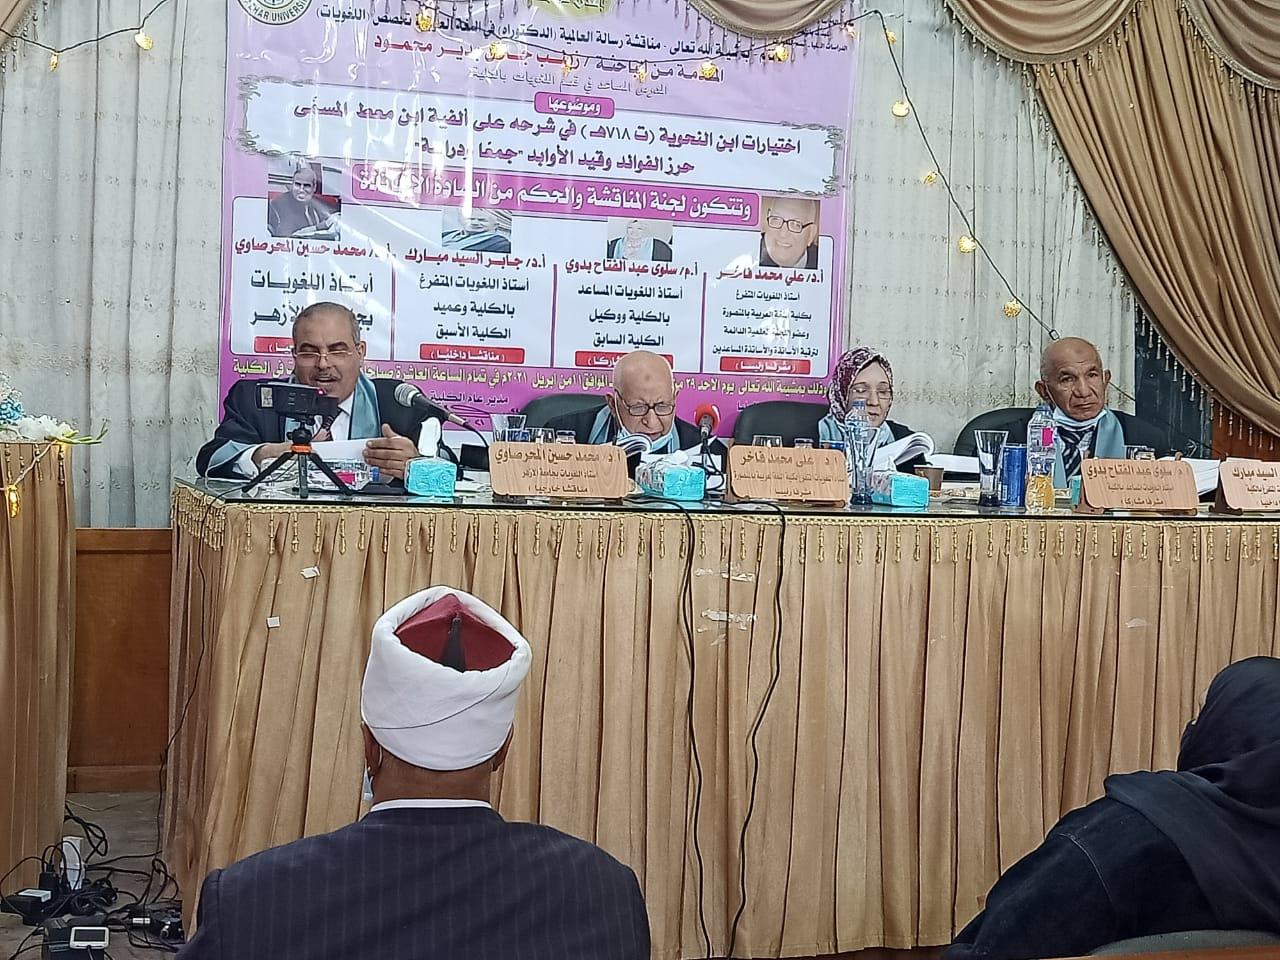 رئيس جامعة الأزهر يناقش رسالة عالمية بكلية الدراسات الإسلامية والعربية